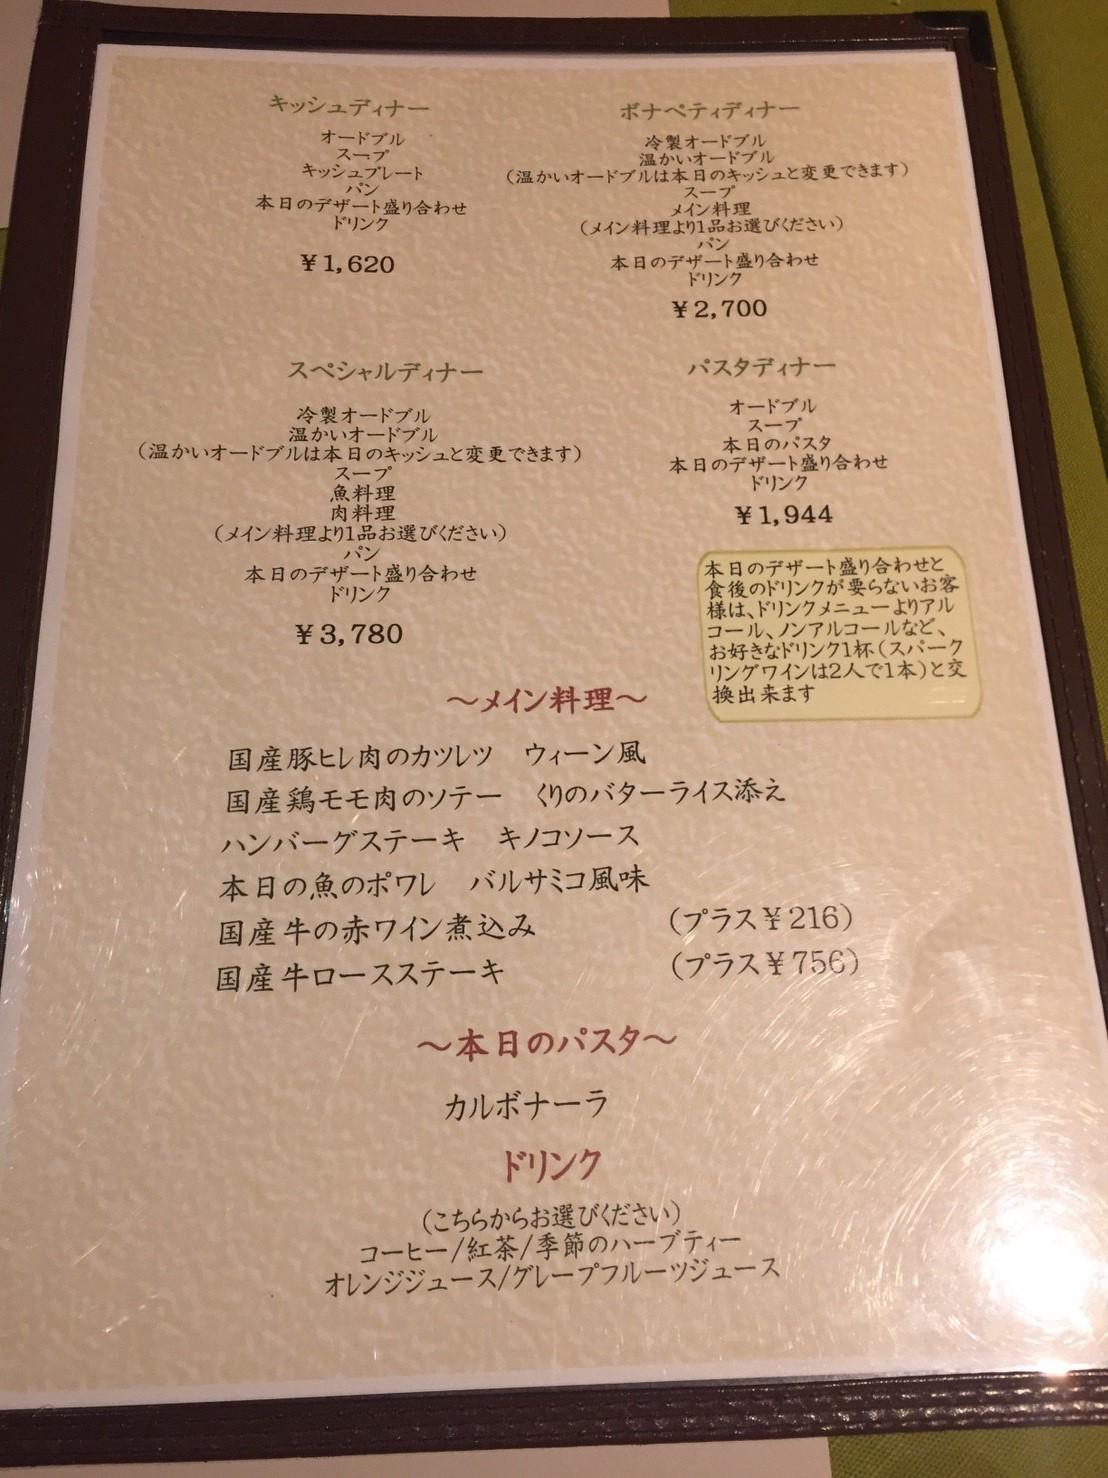 ふらんす食堂ボナペティ   ディナー_e0115904_20475615.jpg